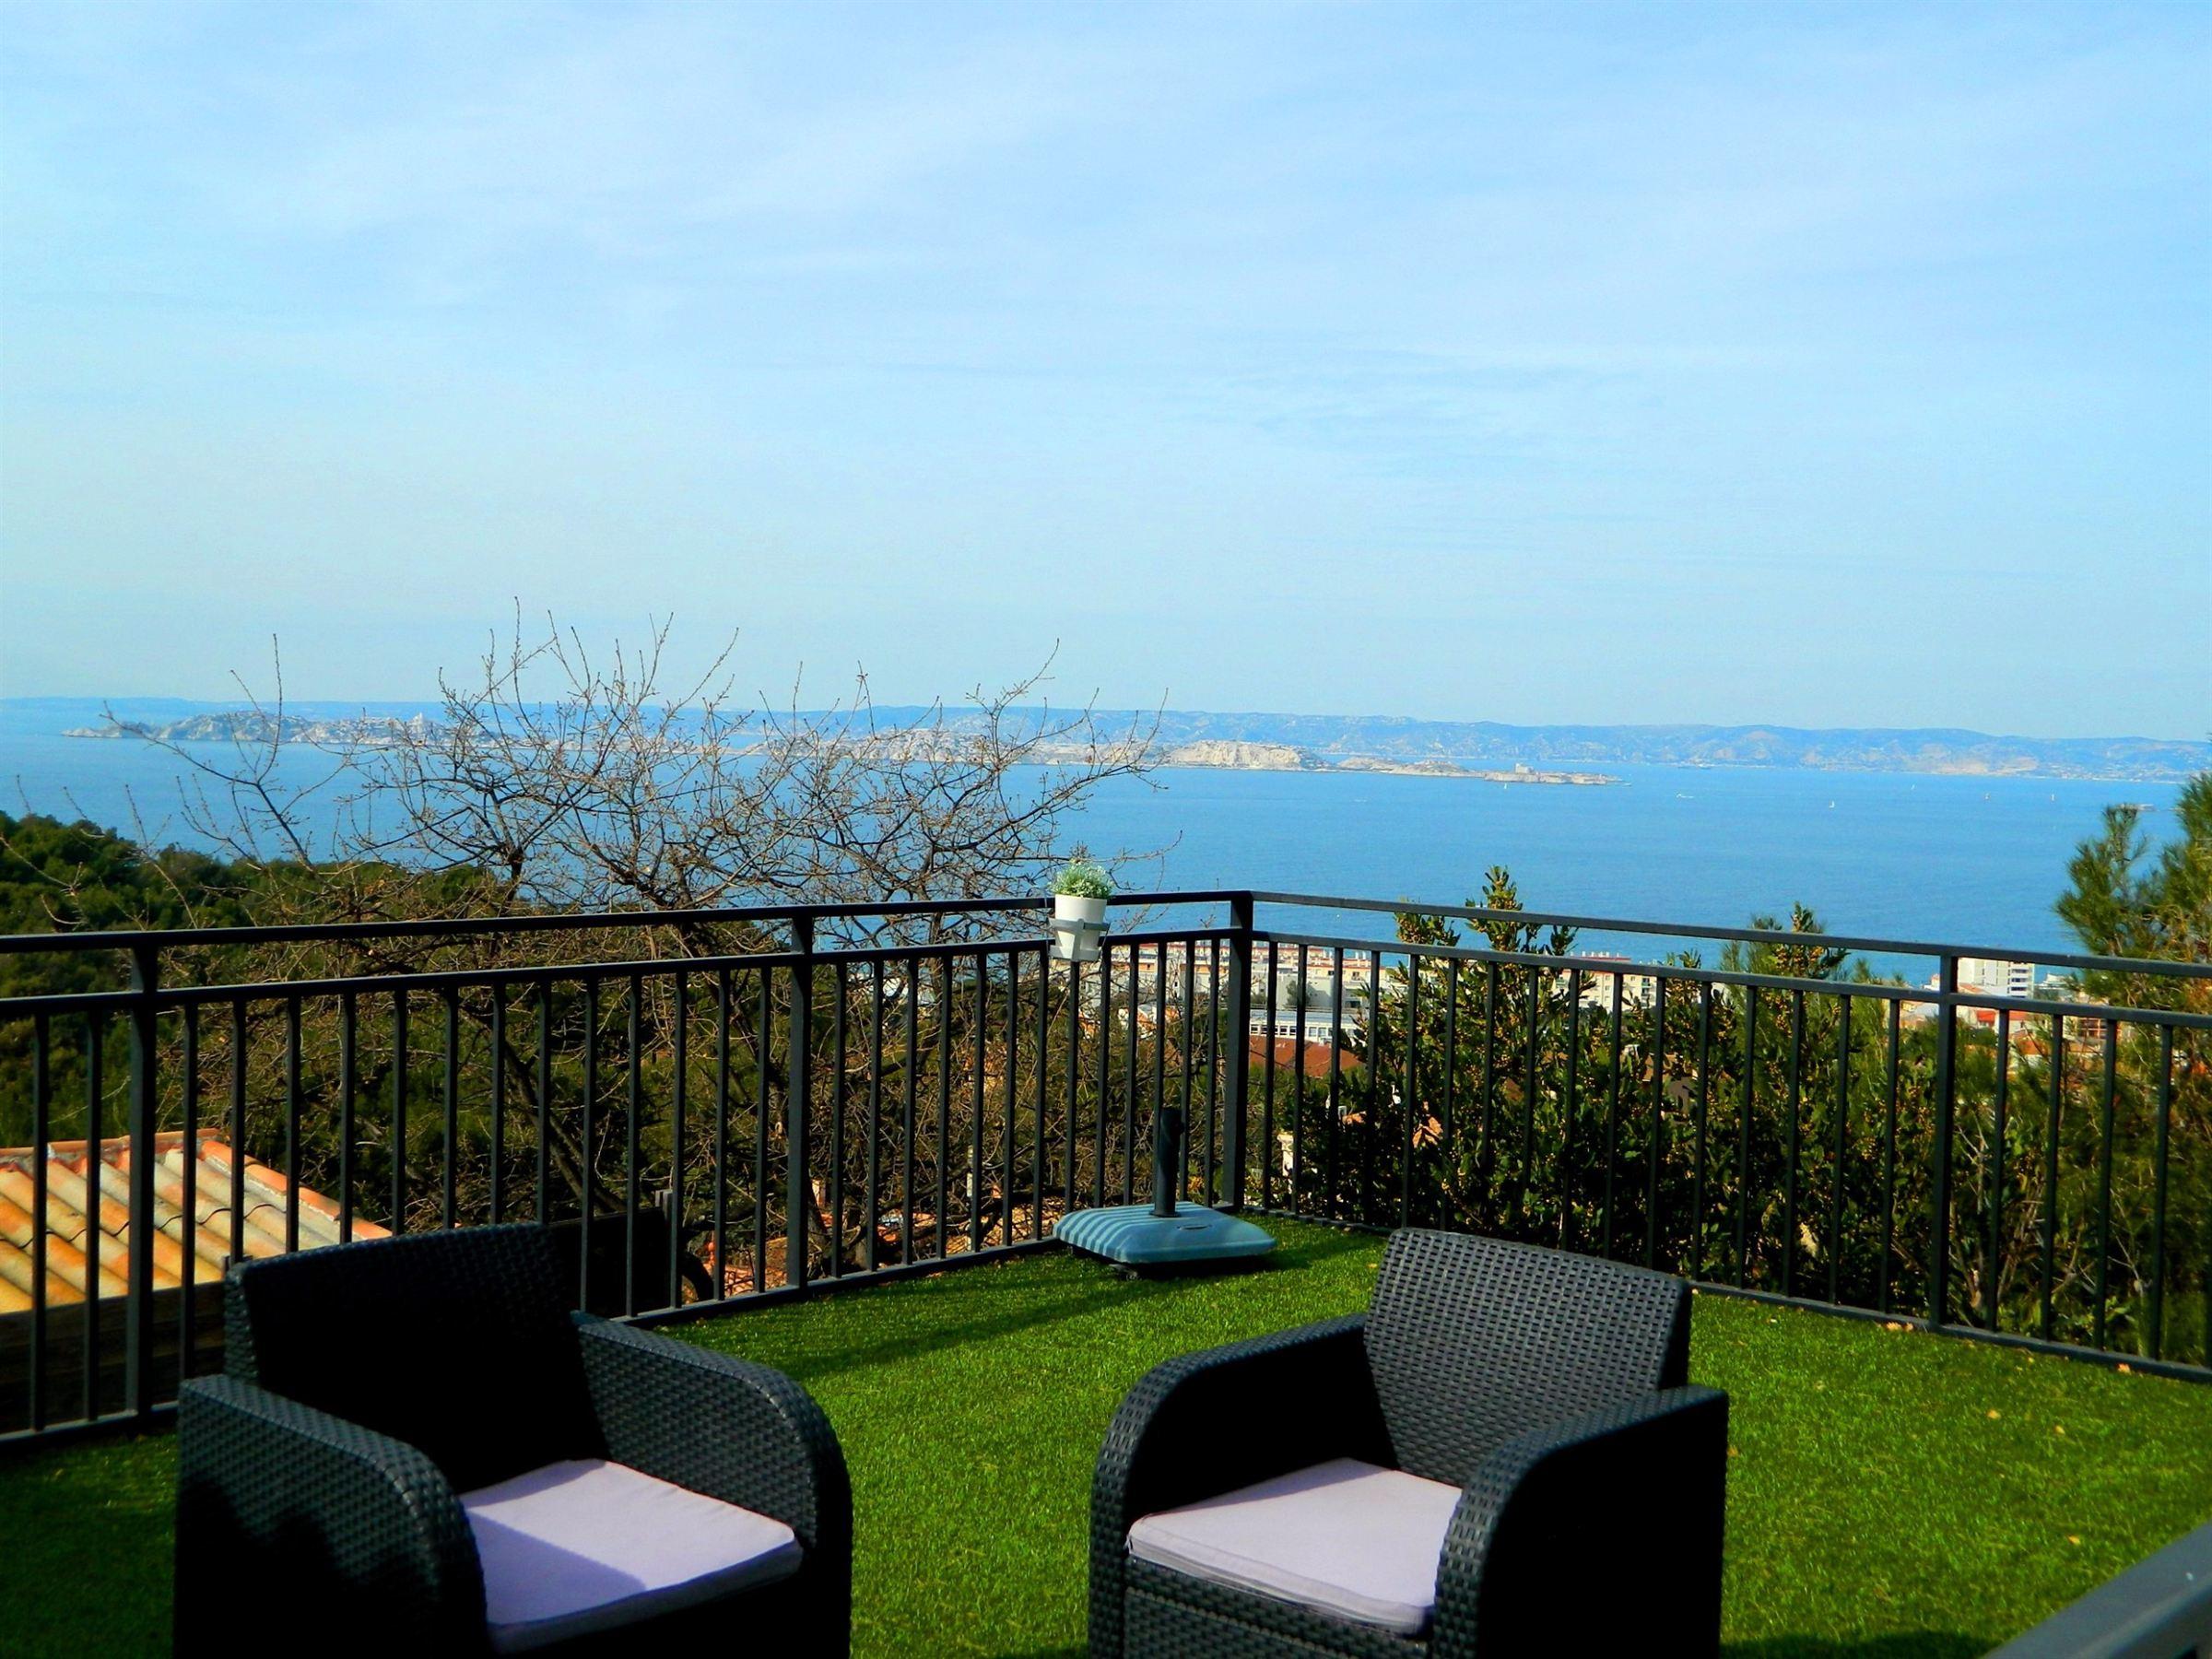 独户住宅 为 销售 在 MARSEILLEVEYRE - VILLA VUE MER 马赛, 普罗旺斯阿尔卑斯蓝色海岸, 13008 法国